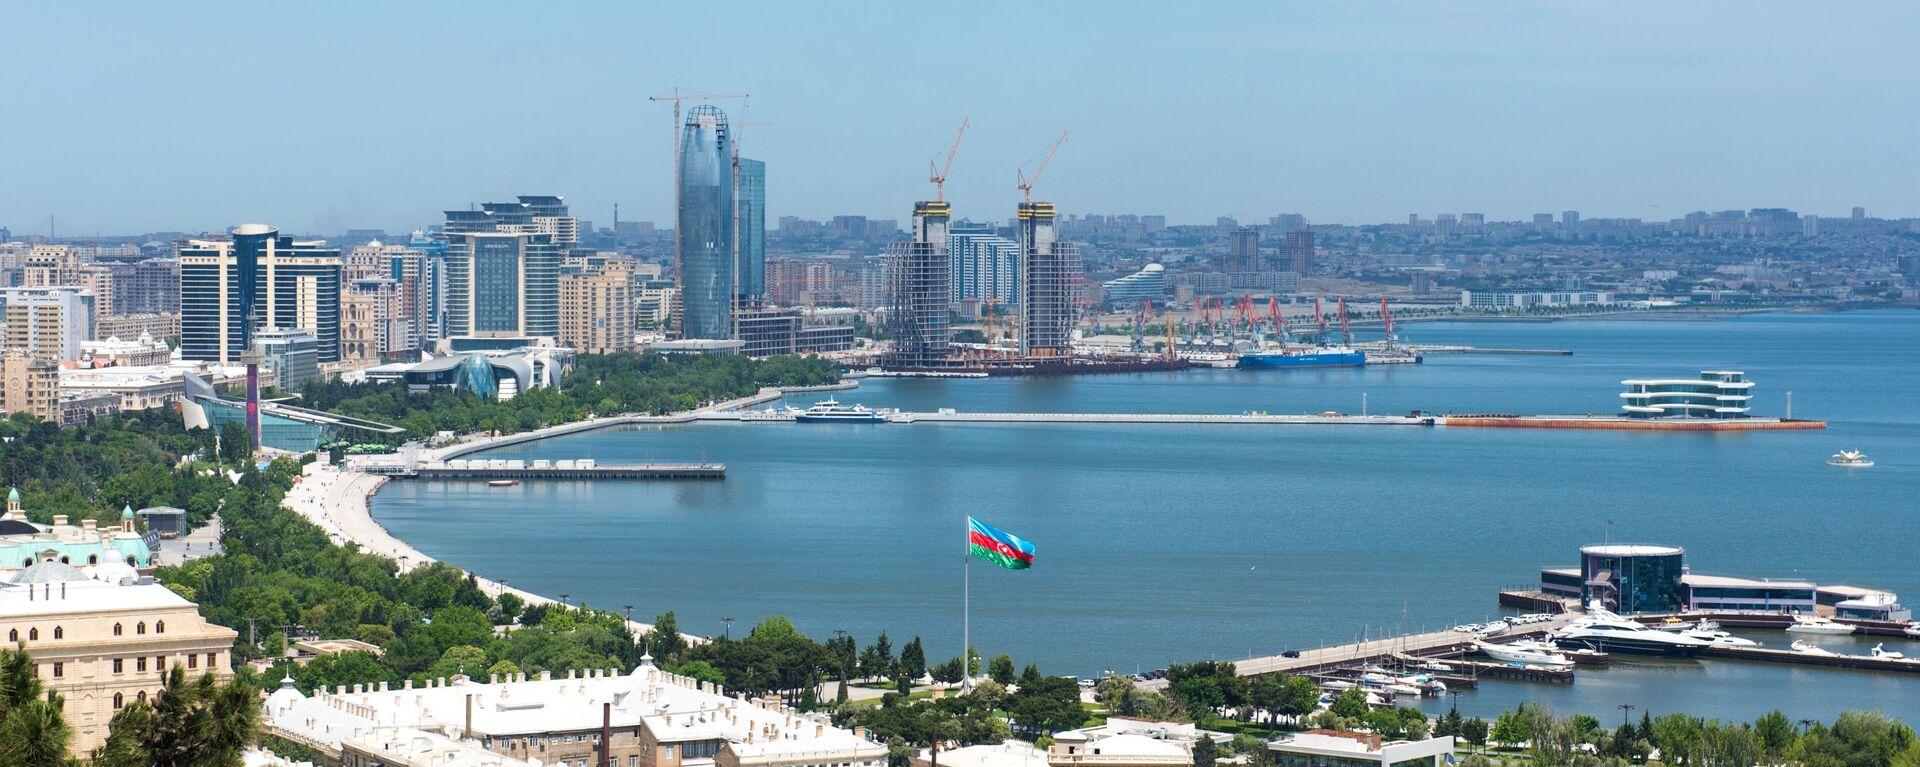 Panorama miasta Baku i Zatoki Bakijskiej na Morzu Kaspijskim - Sputnik Polska, 1920, 02.08.2021